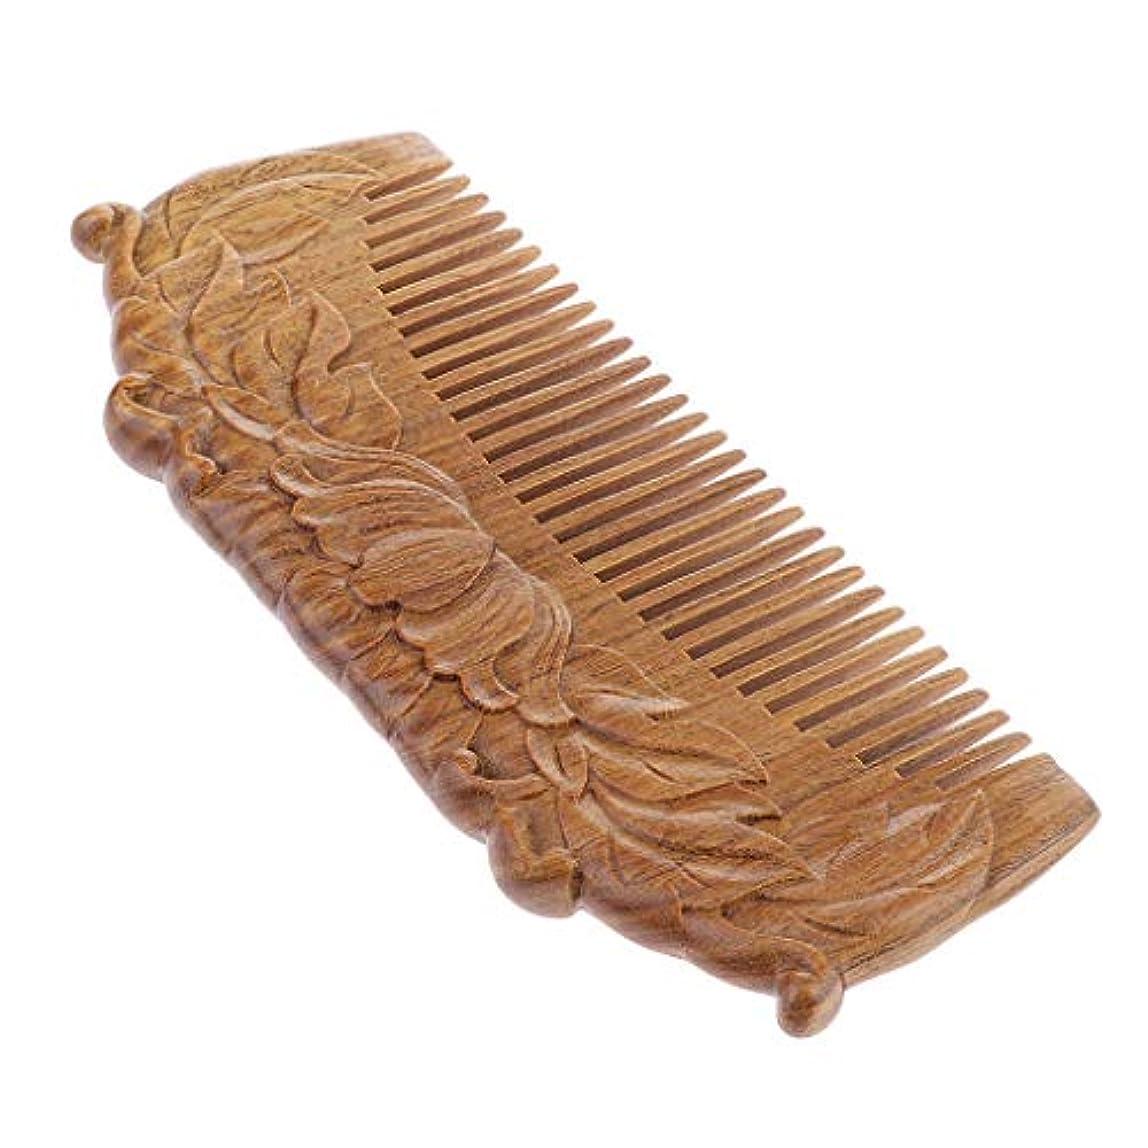 ワーディアンケースセメント美人サンダルウッド木製くし細かい歯ヘアケアくしツール静的ポケットサイズなし